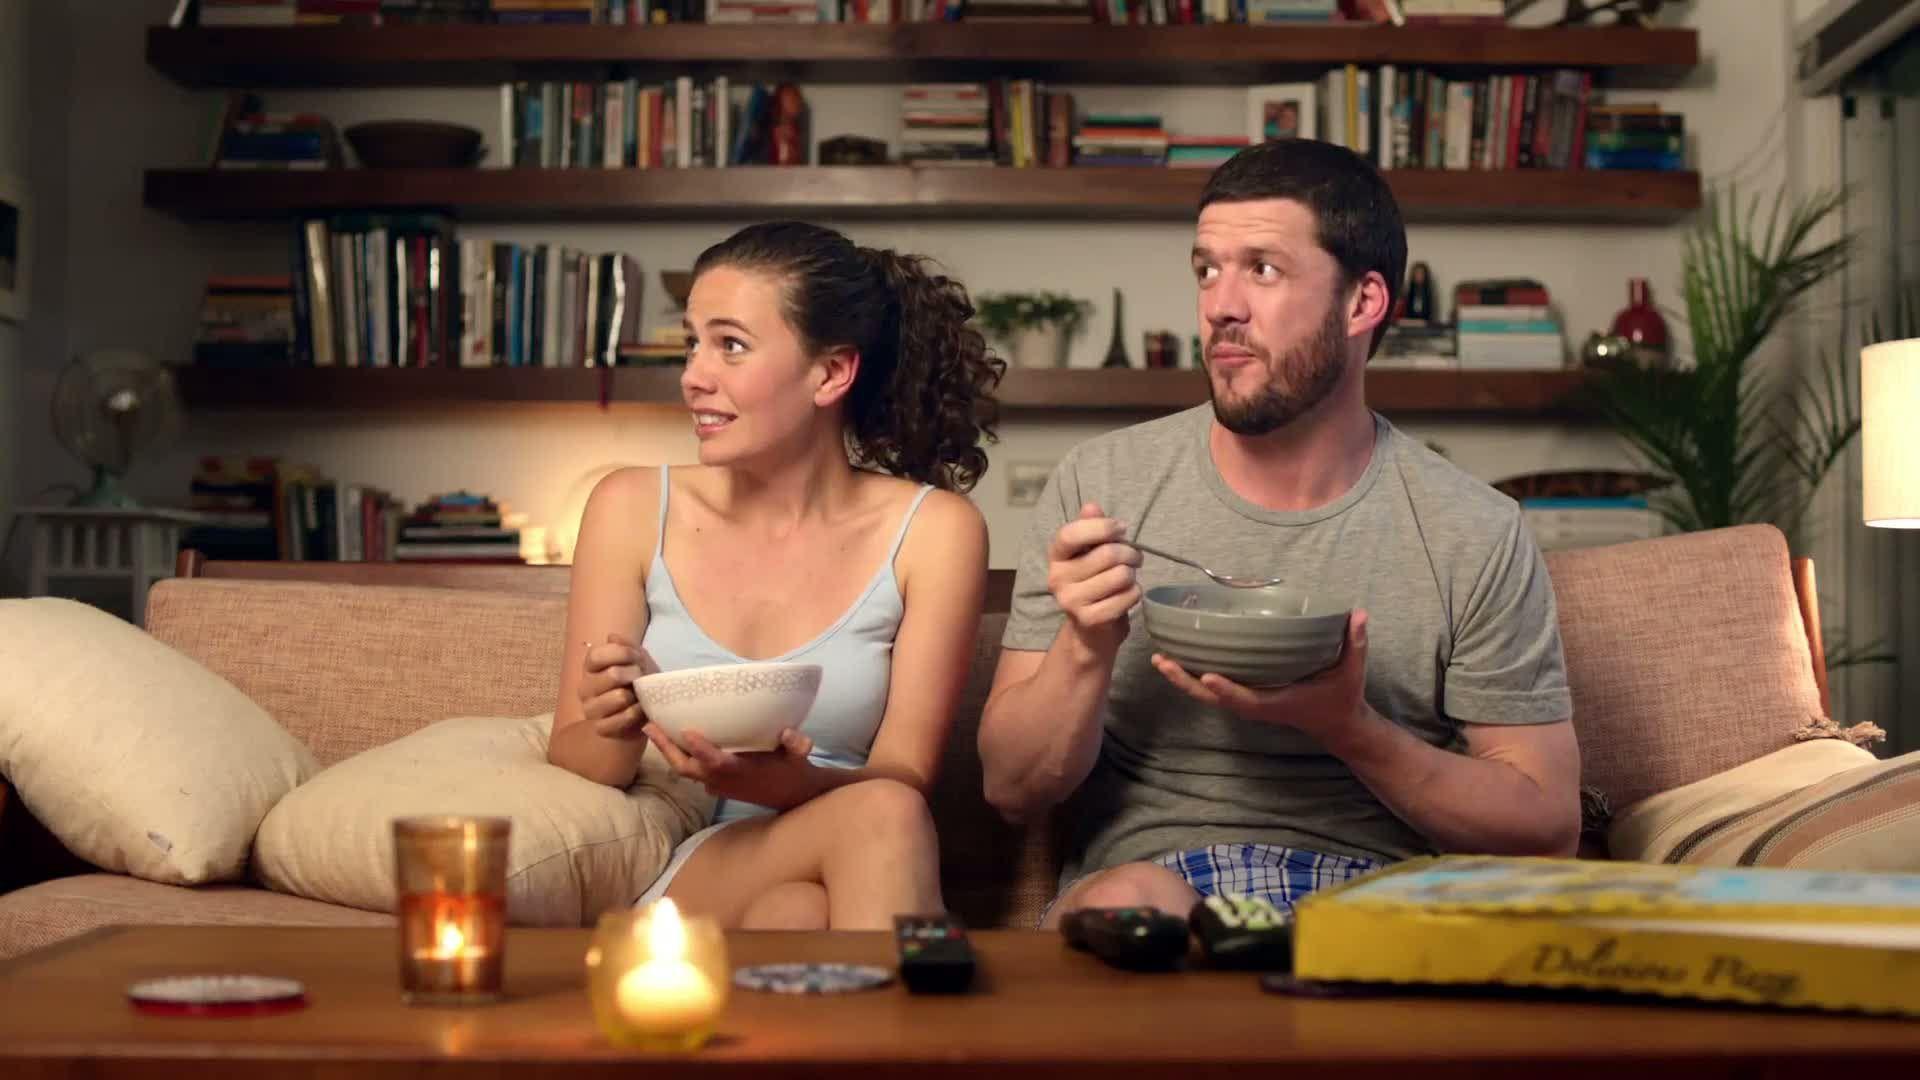 interracial dating website gratis